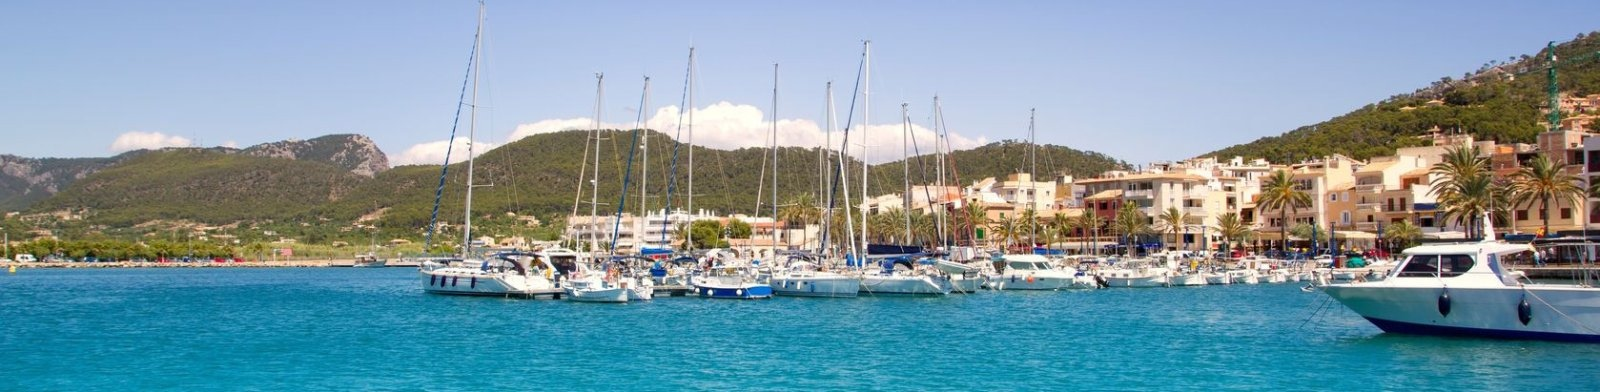 Puerto d'Andratx Holidays